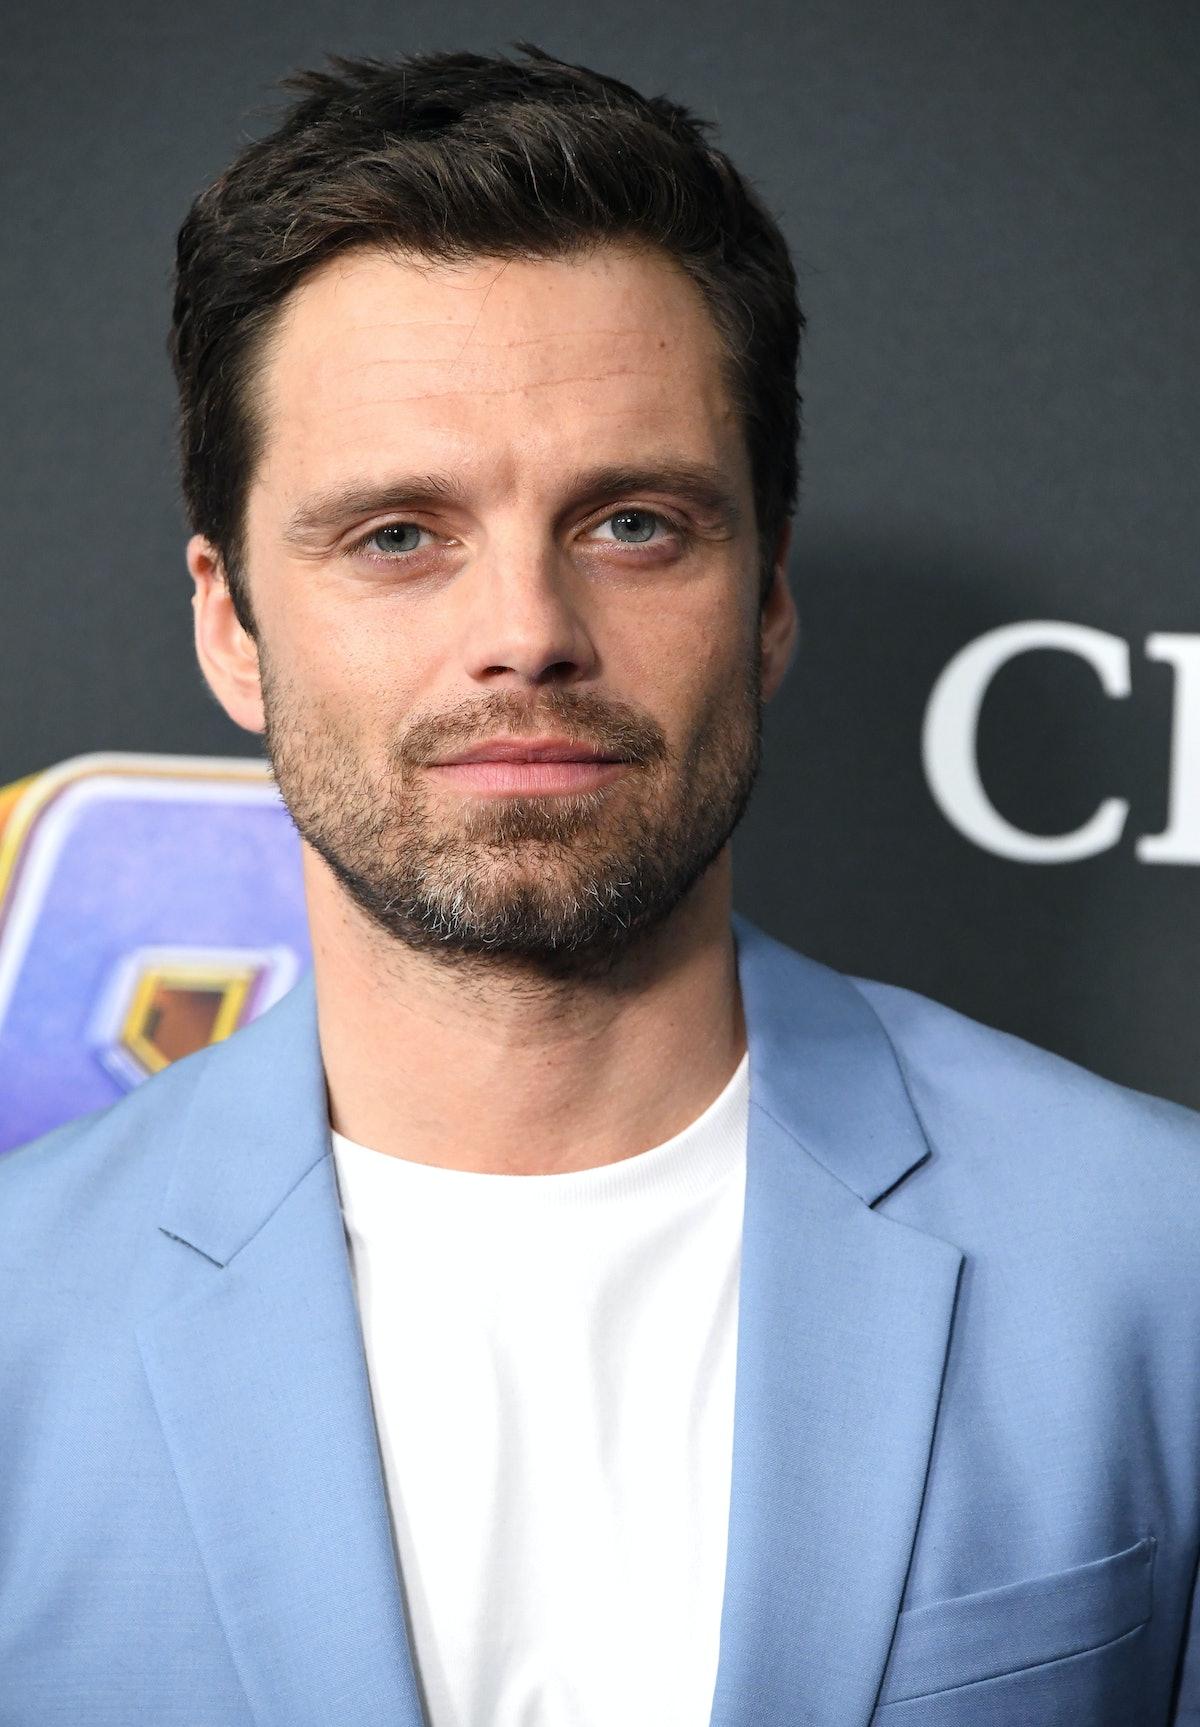 """Sebastian Stan attends the premiere of """"Avengers: Endgame"""" in 2019."""